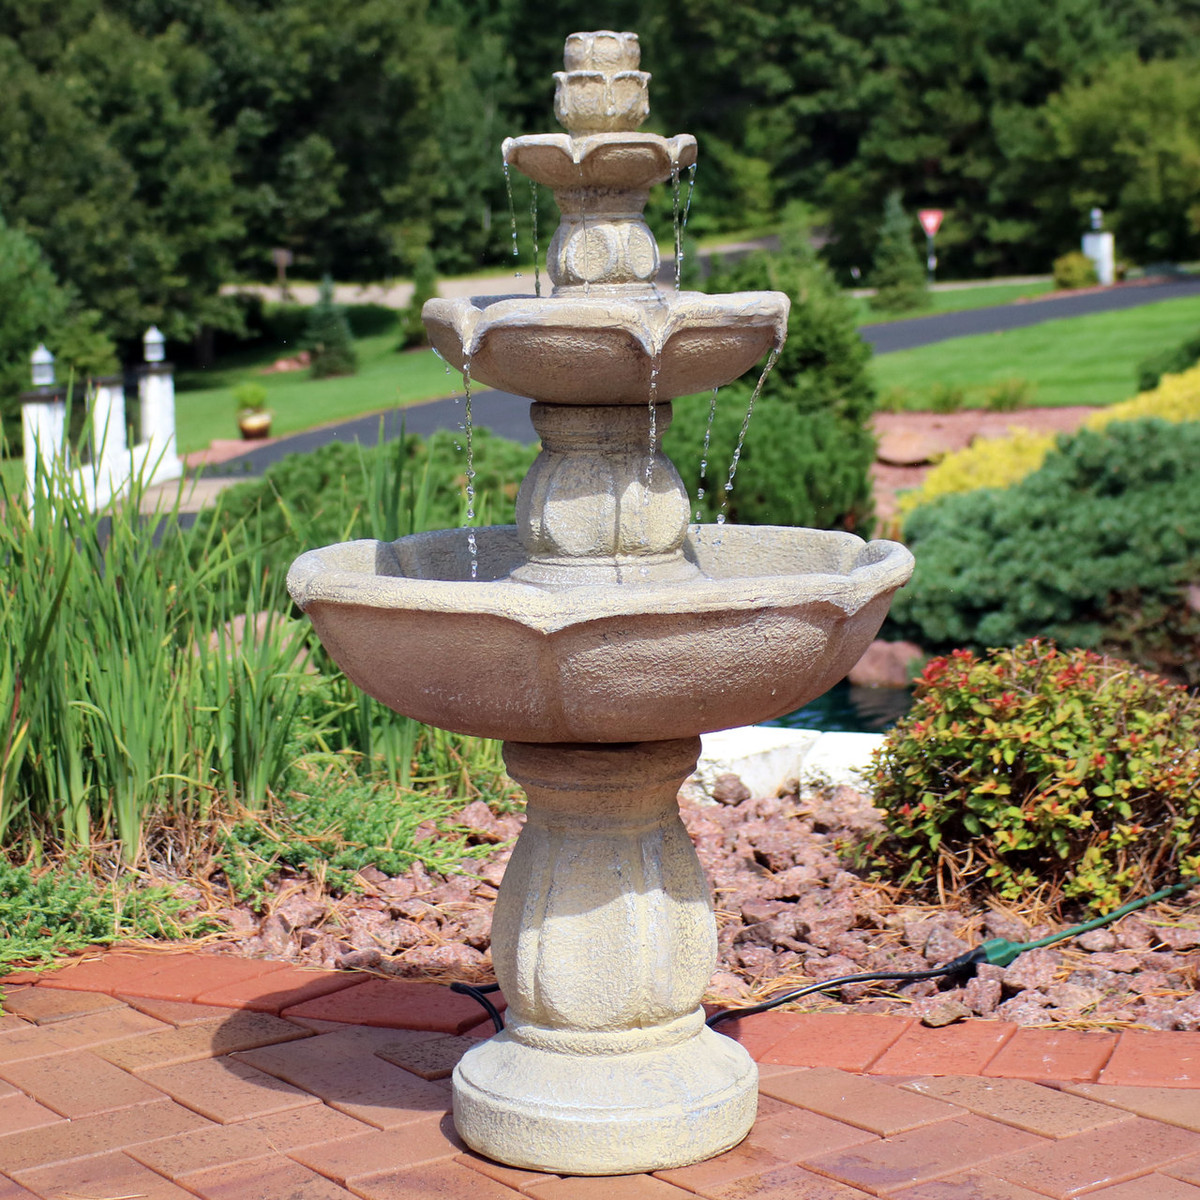 Sunnydaze Birds' Delight Outdoor Water Fountain, Includes